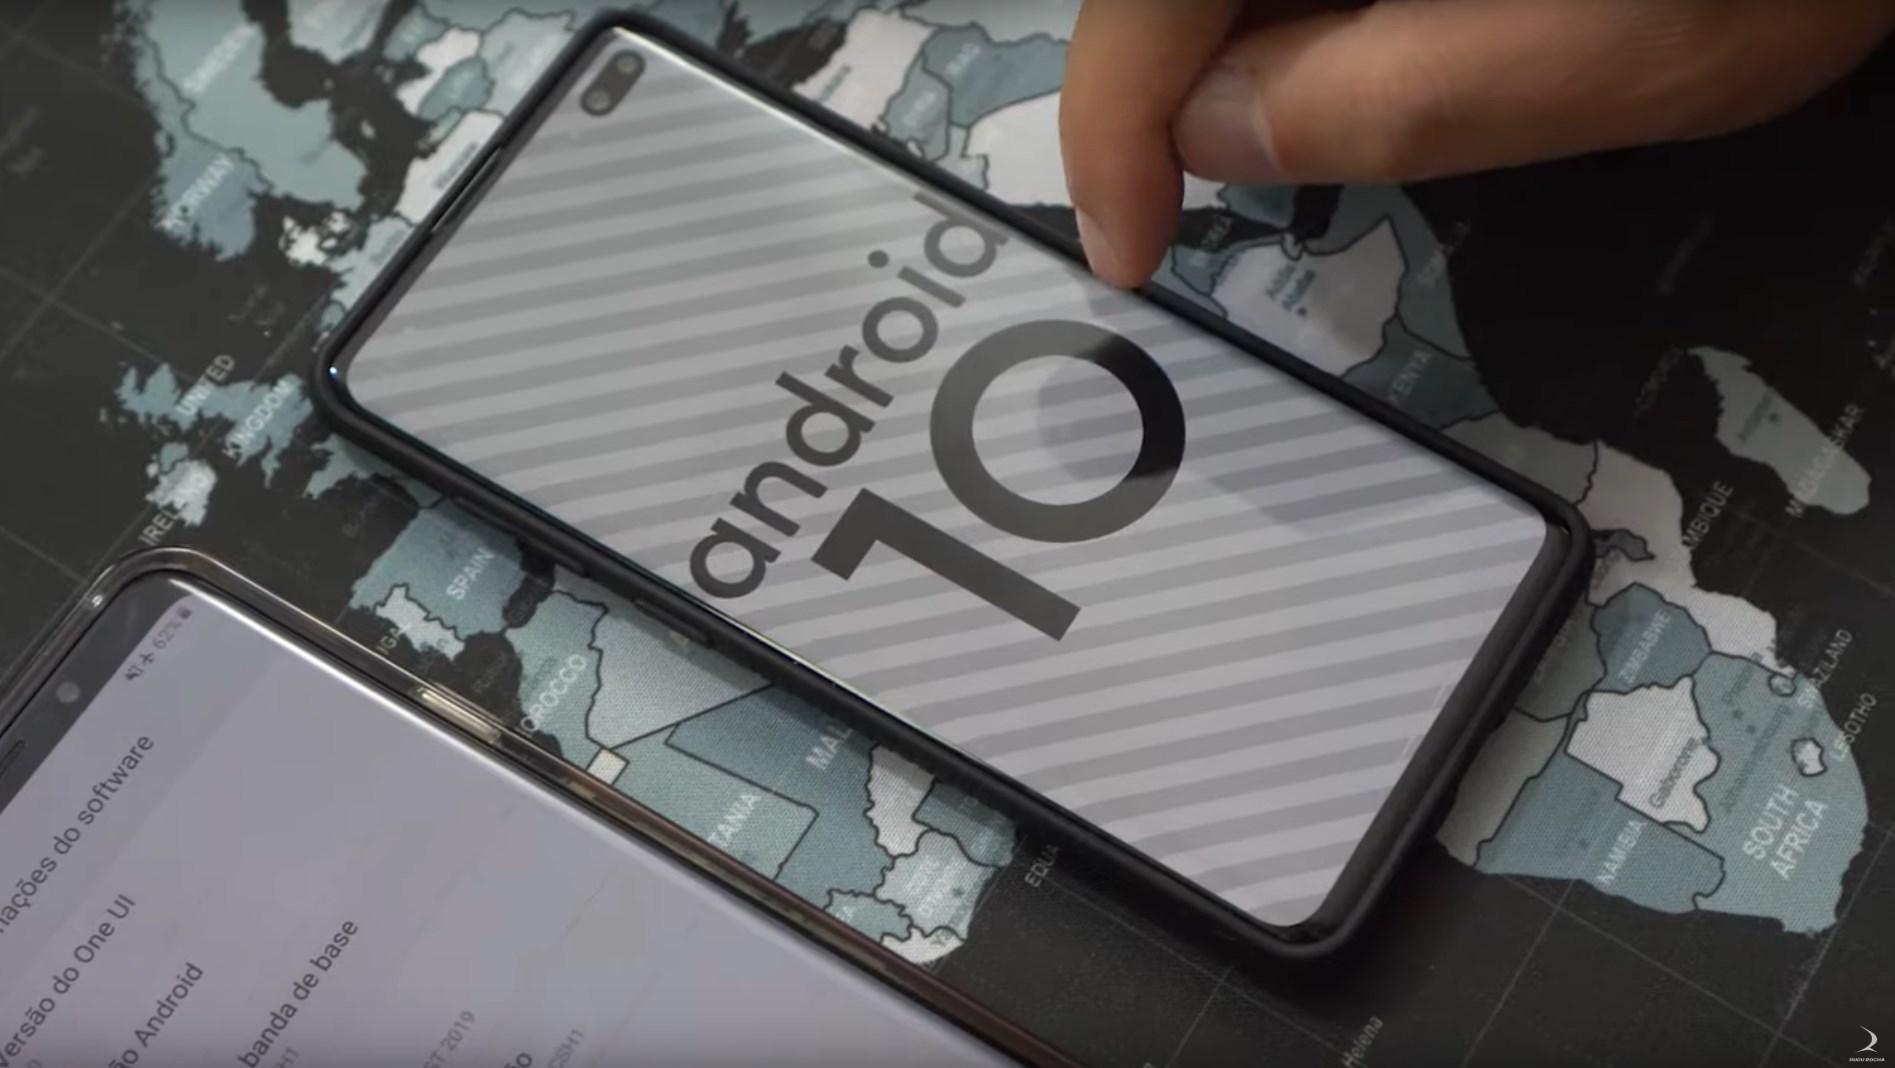 Samsung One UI 2.0 : la beta d'Android 10 pour les Galaxy S10 et Note 10 arrive déjà